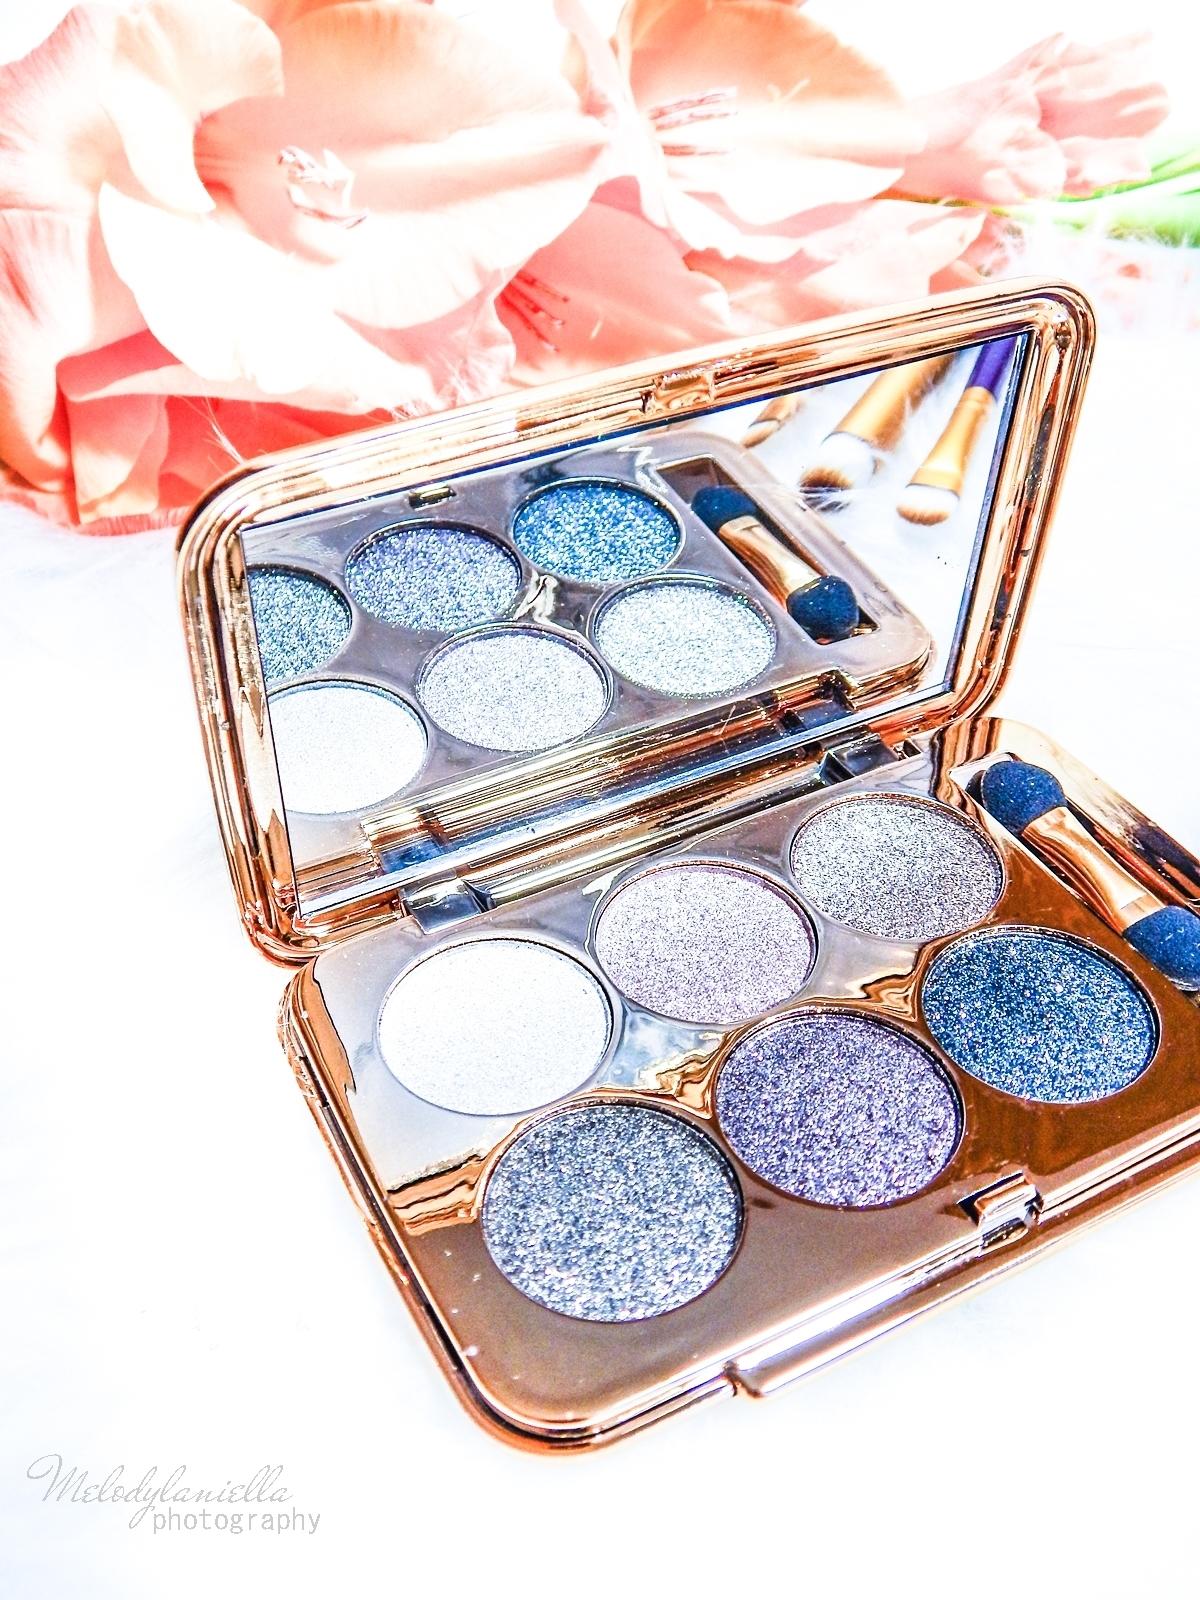 9 azjatyckie chińskie kosmetyki recenzja melodylaniella beauty paleta 6 cieni brokatowe cienie do powiek sammydress cienie do powiek ze złotem i brokatem karnawałowe kolory